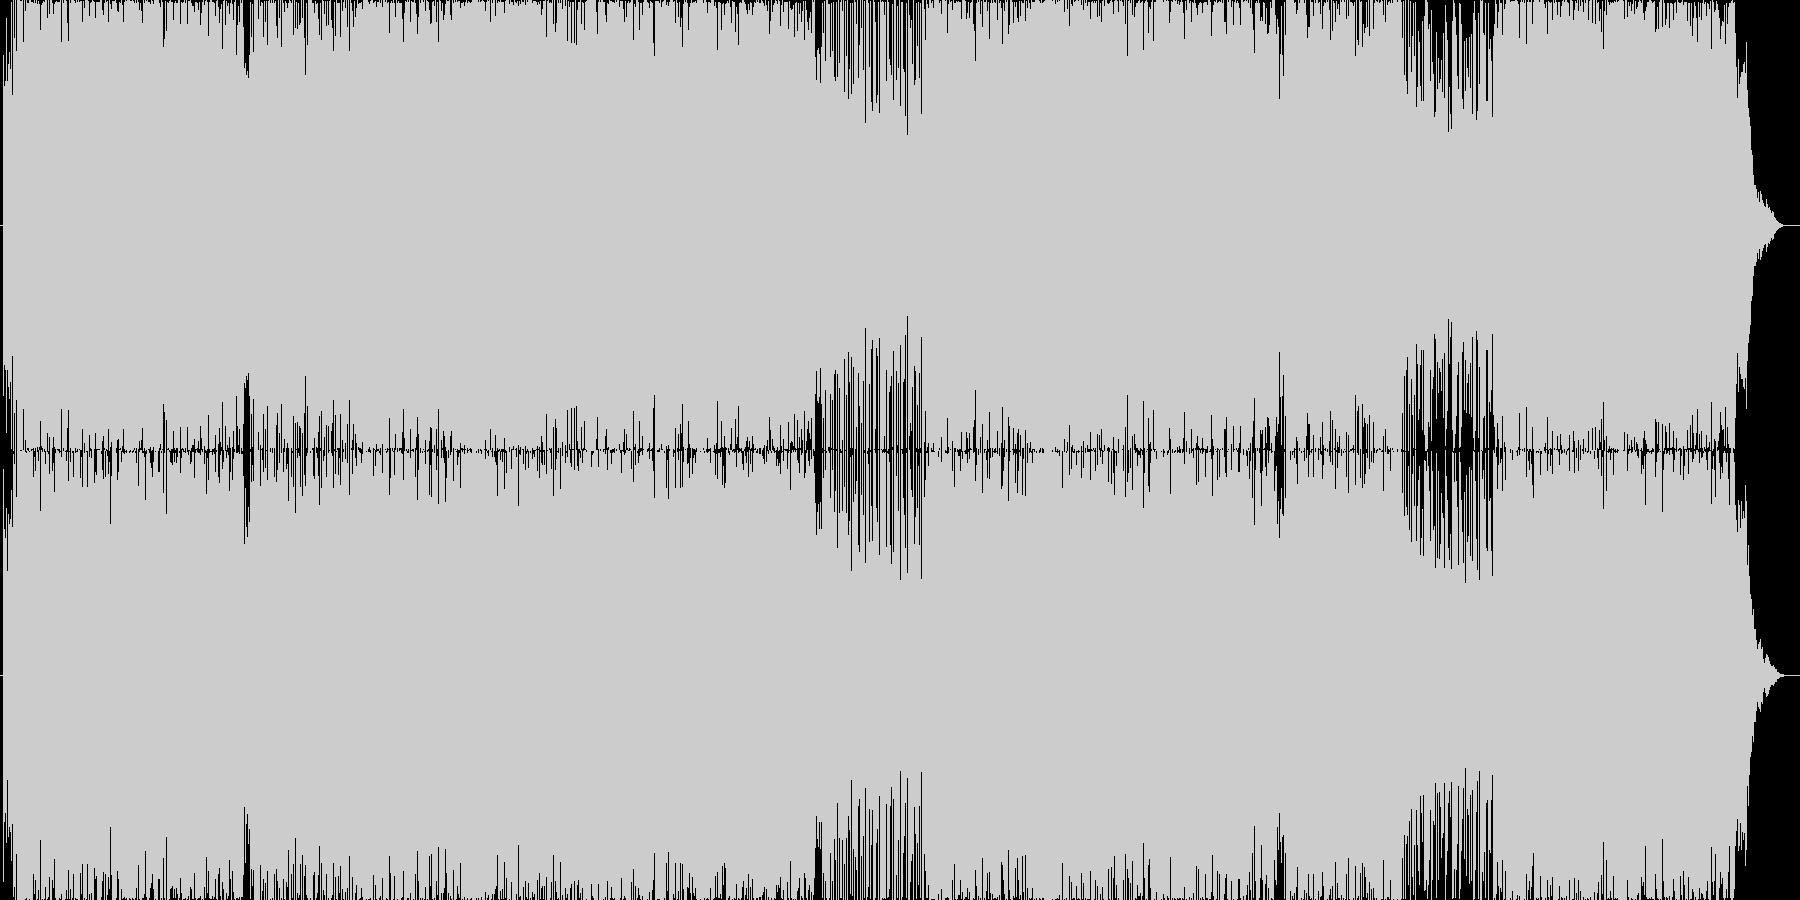 月華 -三味線version-の未再生の波形